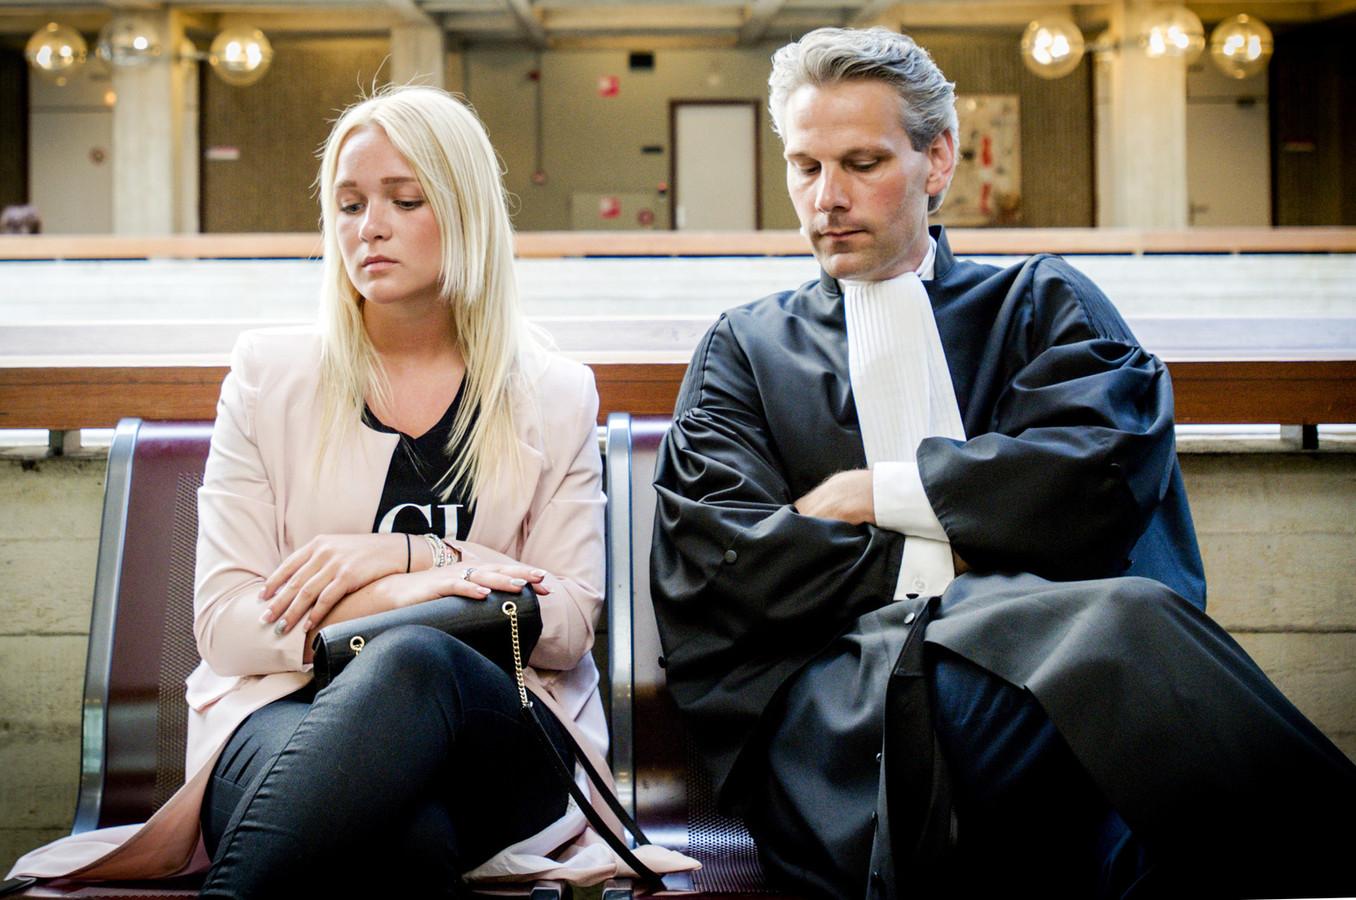 Chantal en haar advocaat Thomas van Vugt bij de rechtbank Amsterdam